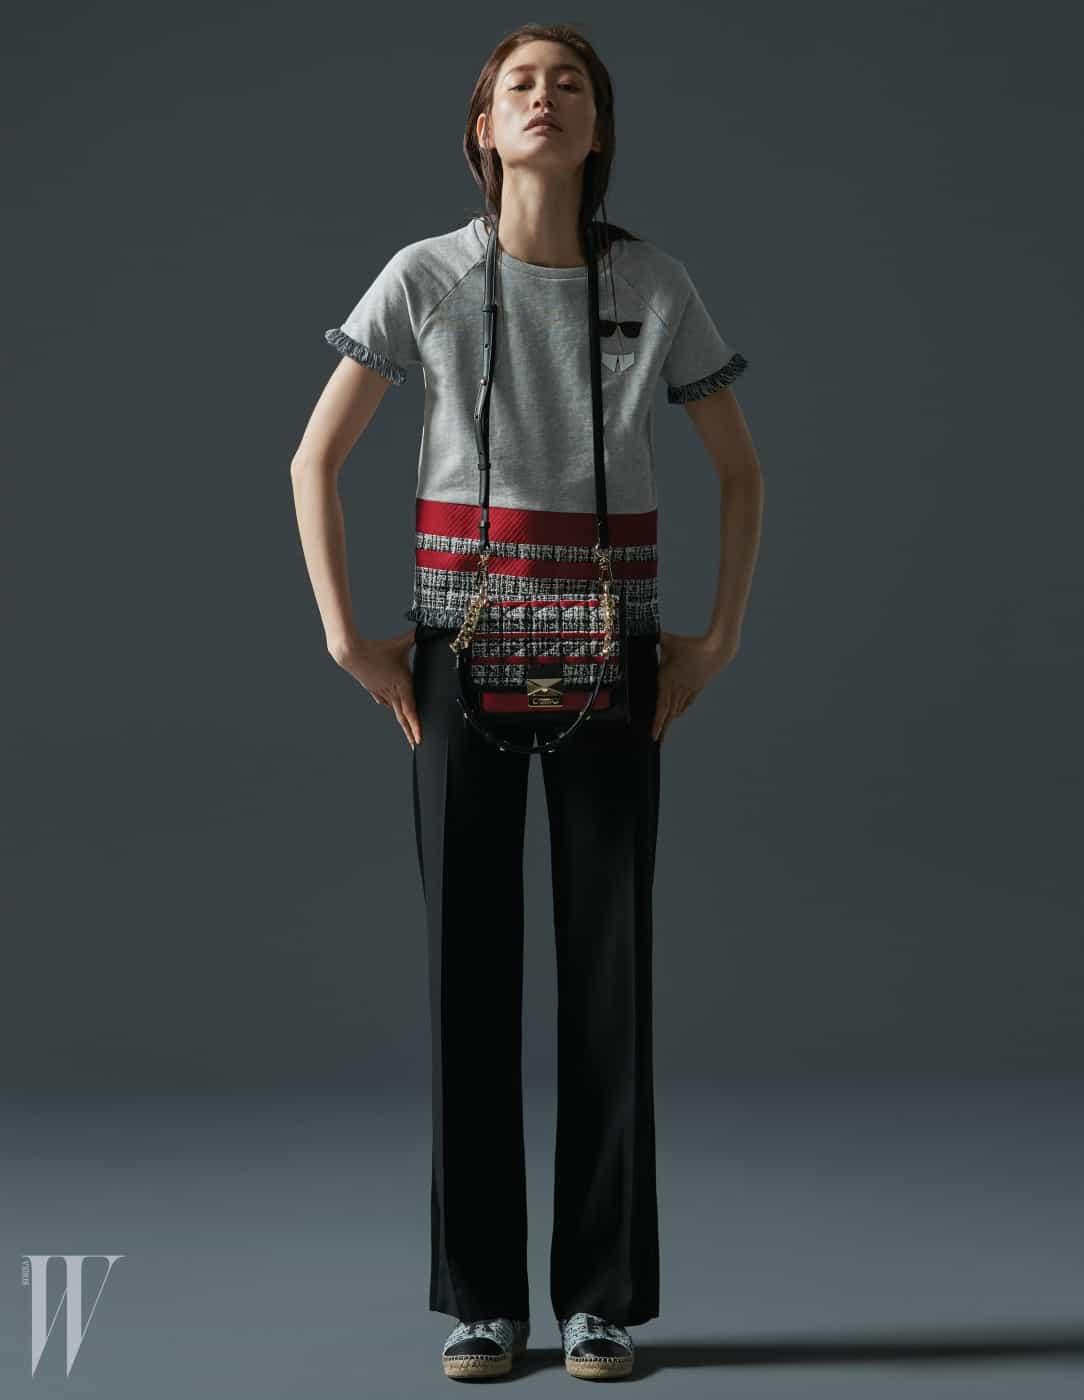 트위드 소재를 매치한 티셔츠, 검정 팬츠, 로고 장식 에스파드리유, 산뜻한 색상의 킬티드 트위드 미니 핸드백 (Kuilted Tweed Mini Handbag)은 모두 Karl Lagerfeld 제품.